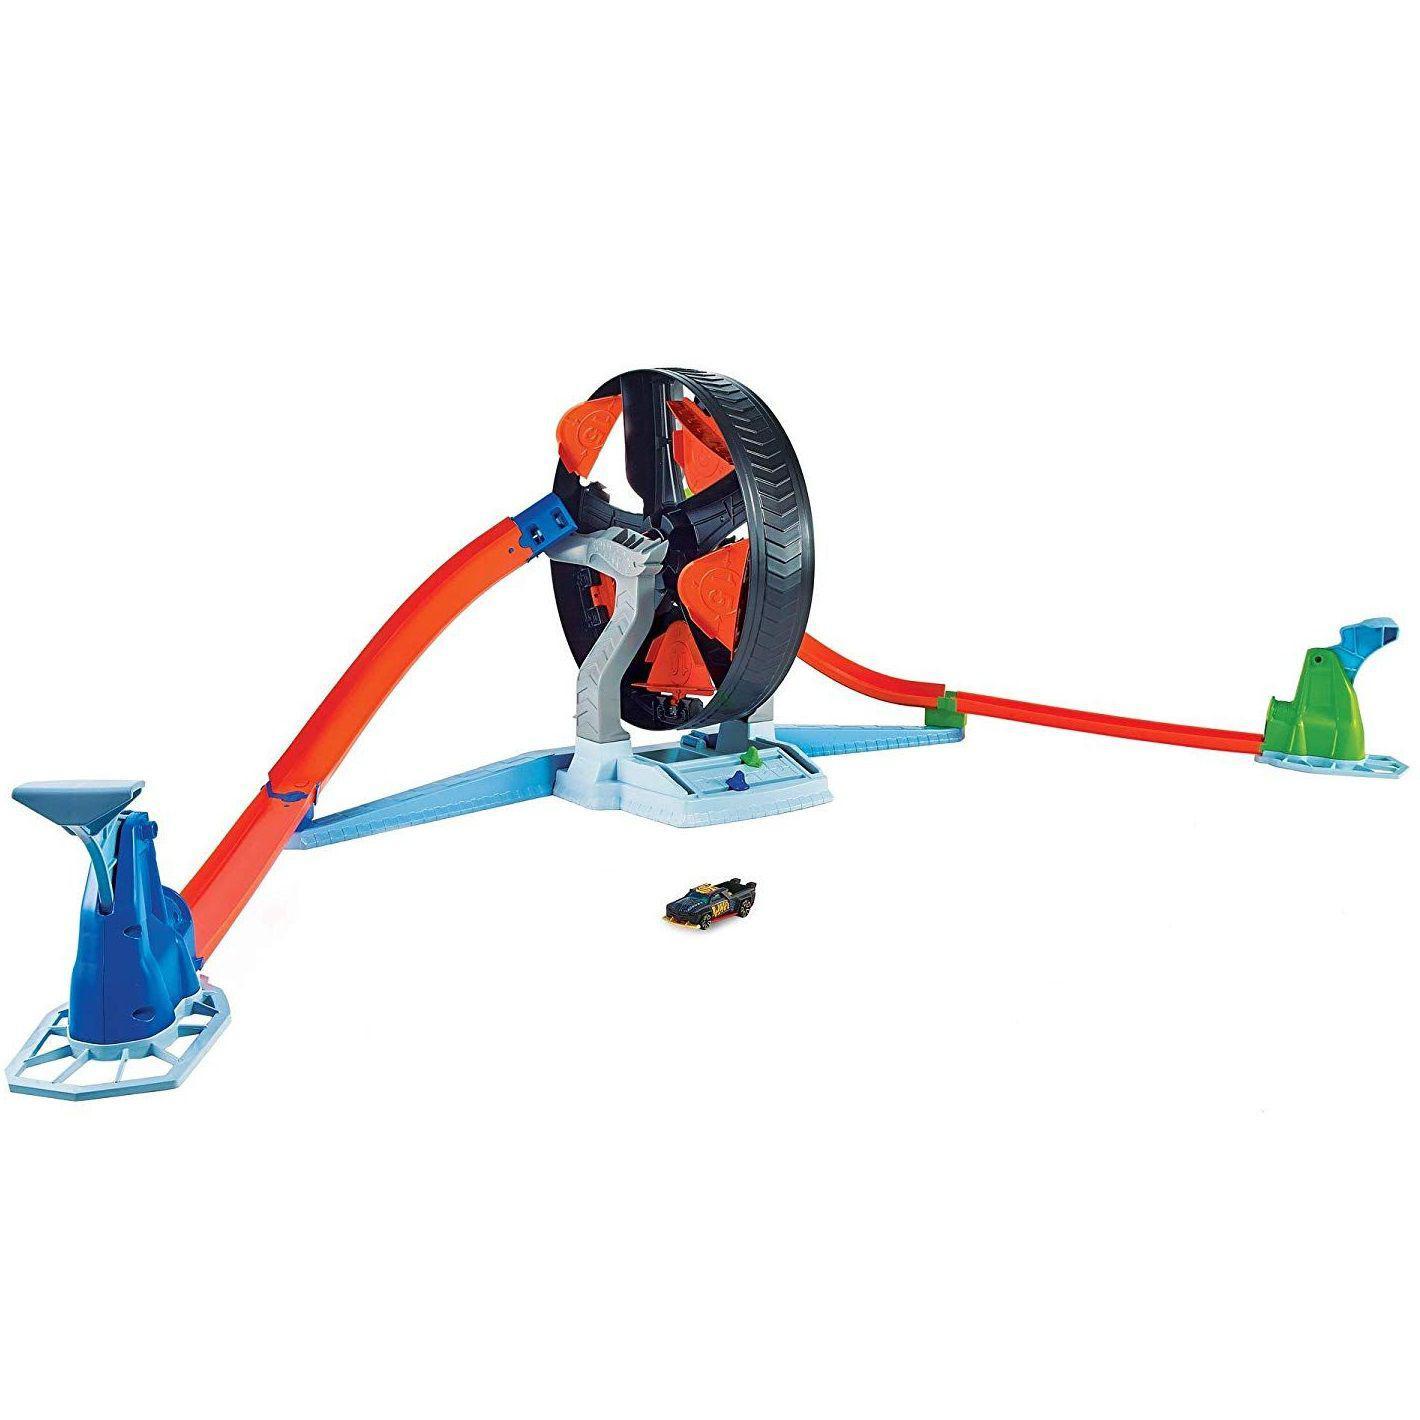 Pista Hot Wheels Competição Giratória - Mattel GJM77